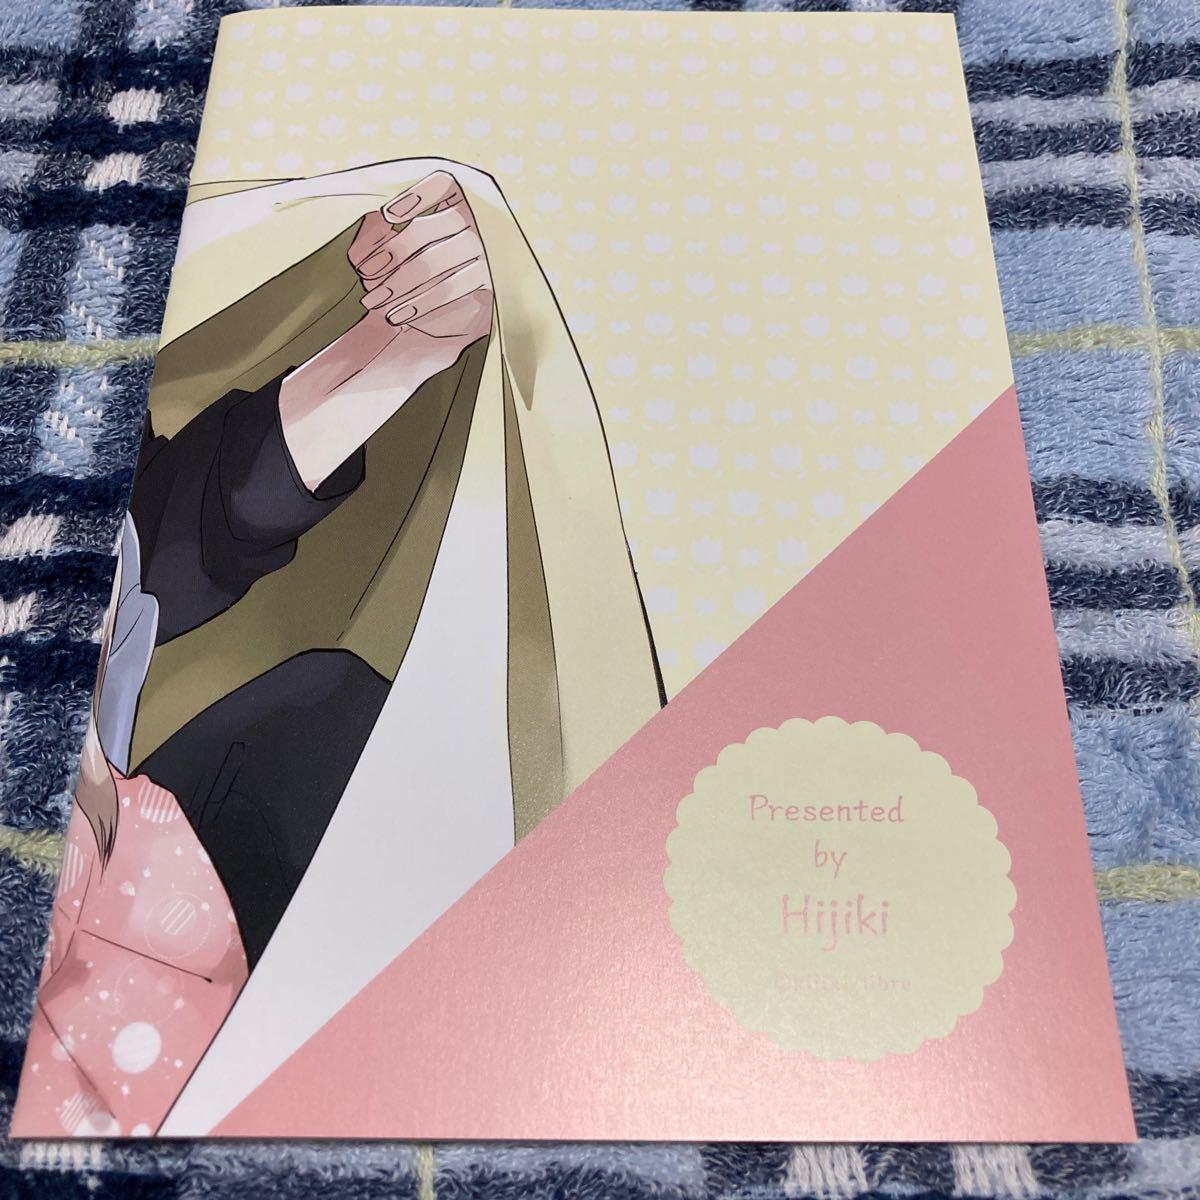 BL 漫画 コミック 嫌いでいさせて 2巻 アニメイト 小冊子 ひじき